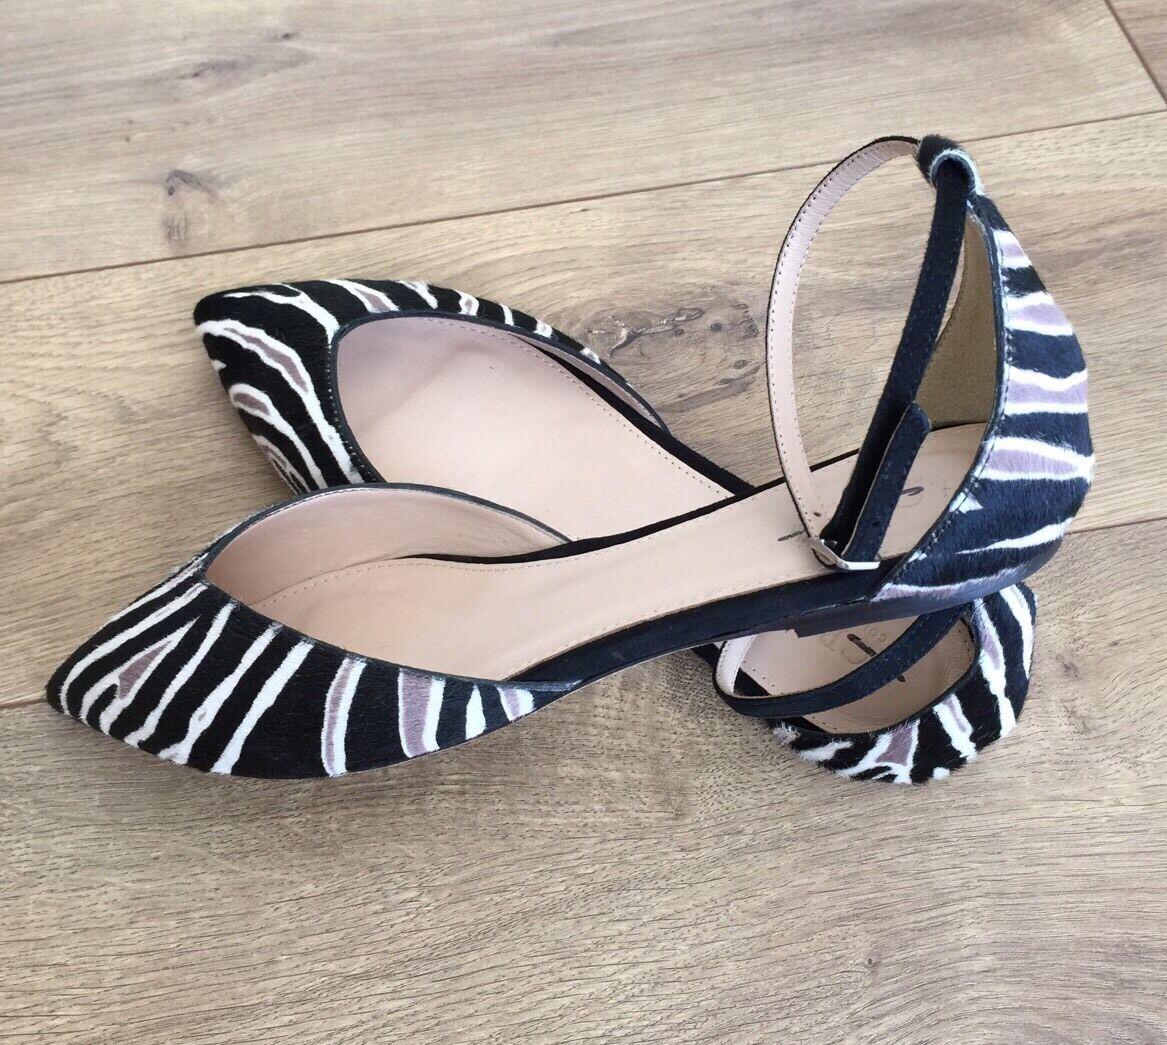 spedizione gratuita in tutto il mondo JCREW COLLECTION Sadie Ankle Strap Flats In Zebra Calf Hair Hair Hair F7988 SZ 7  scelte con prezzo basso